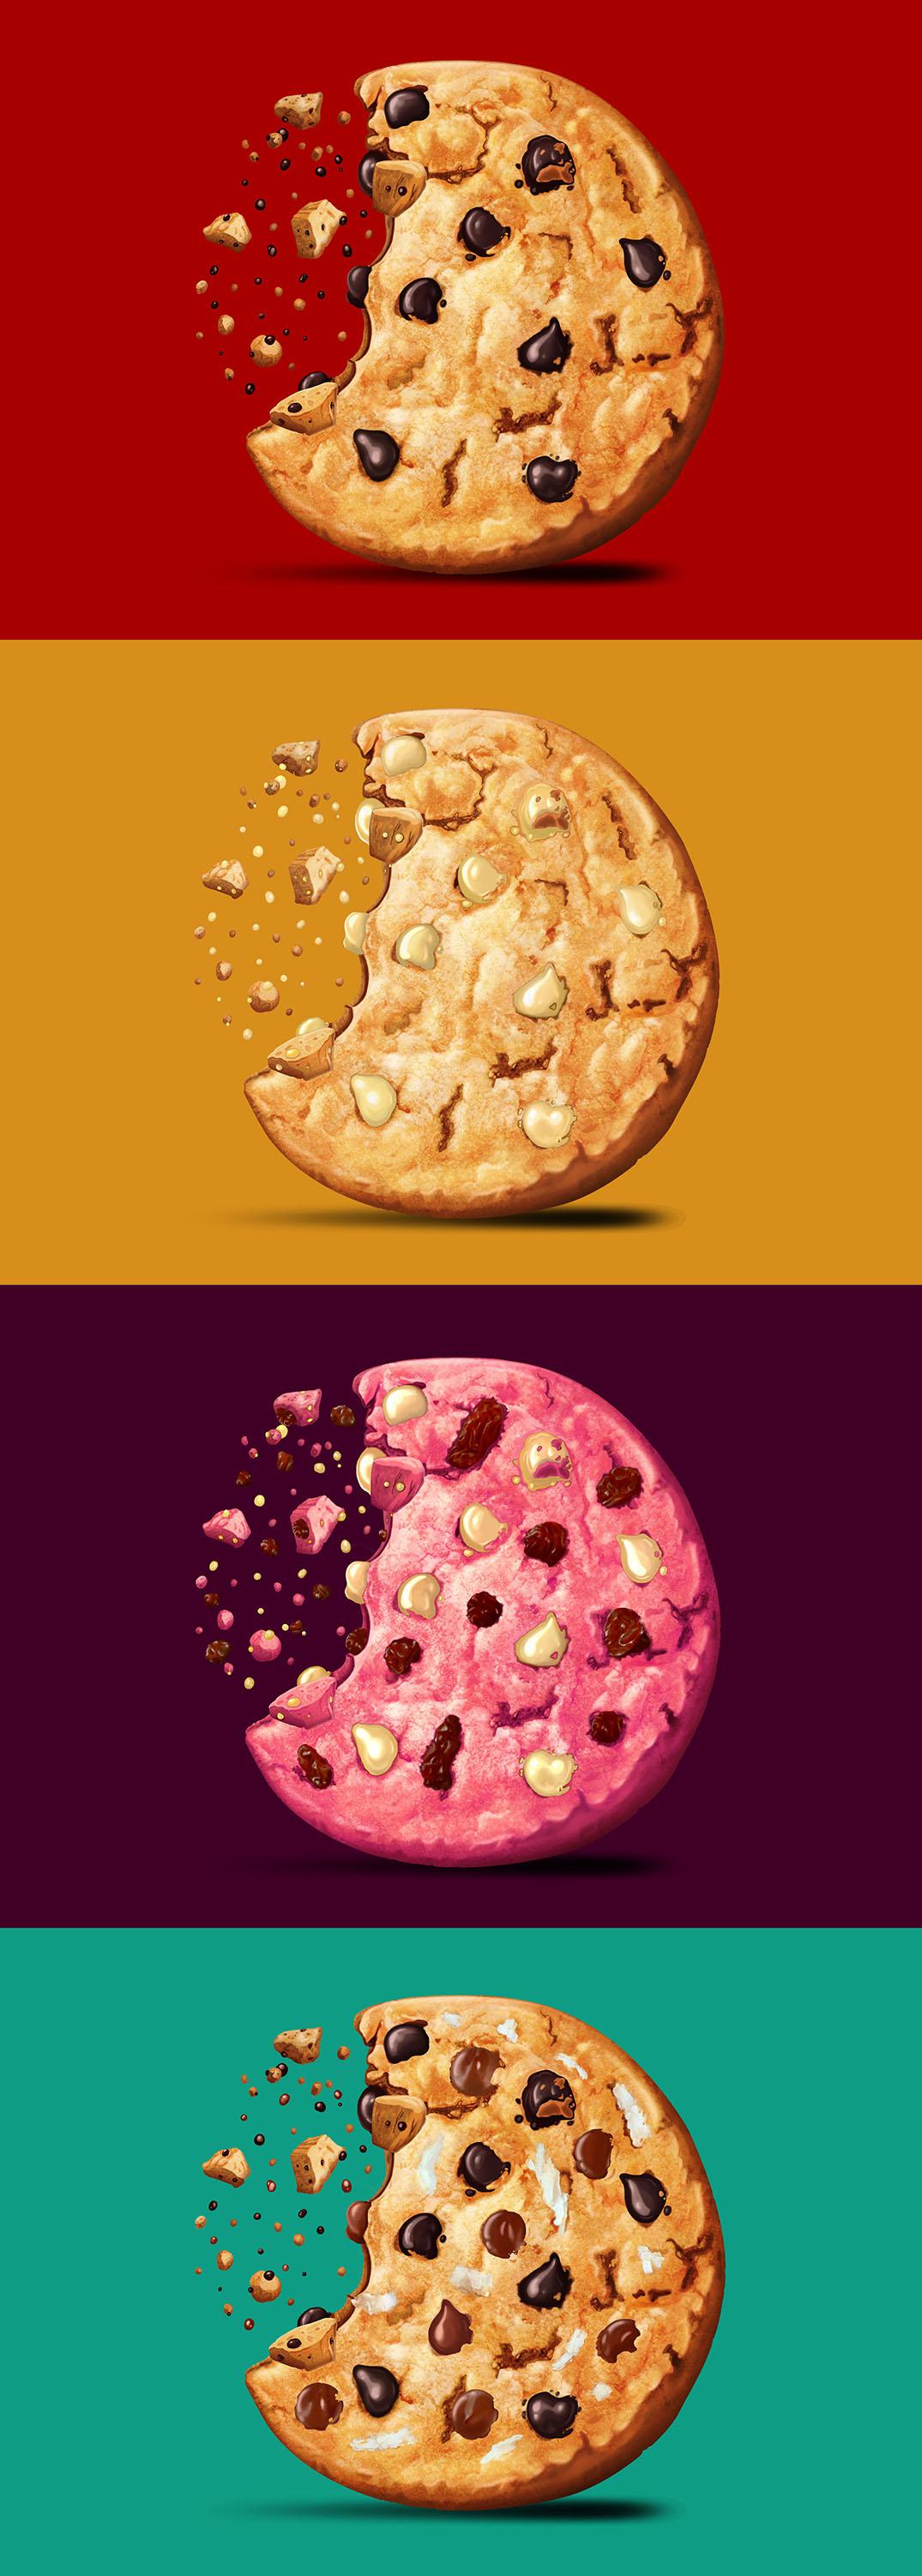 Ilustraciones de galletas2